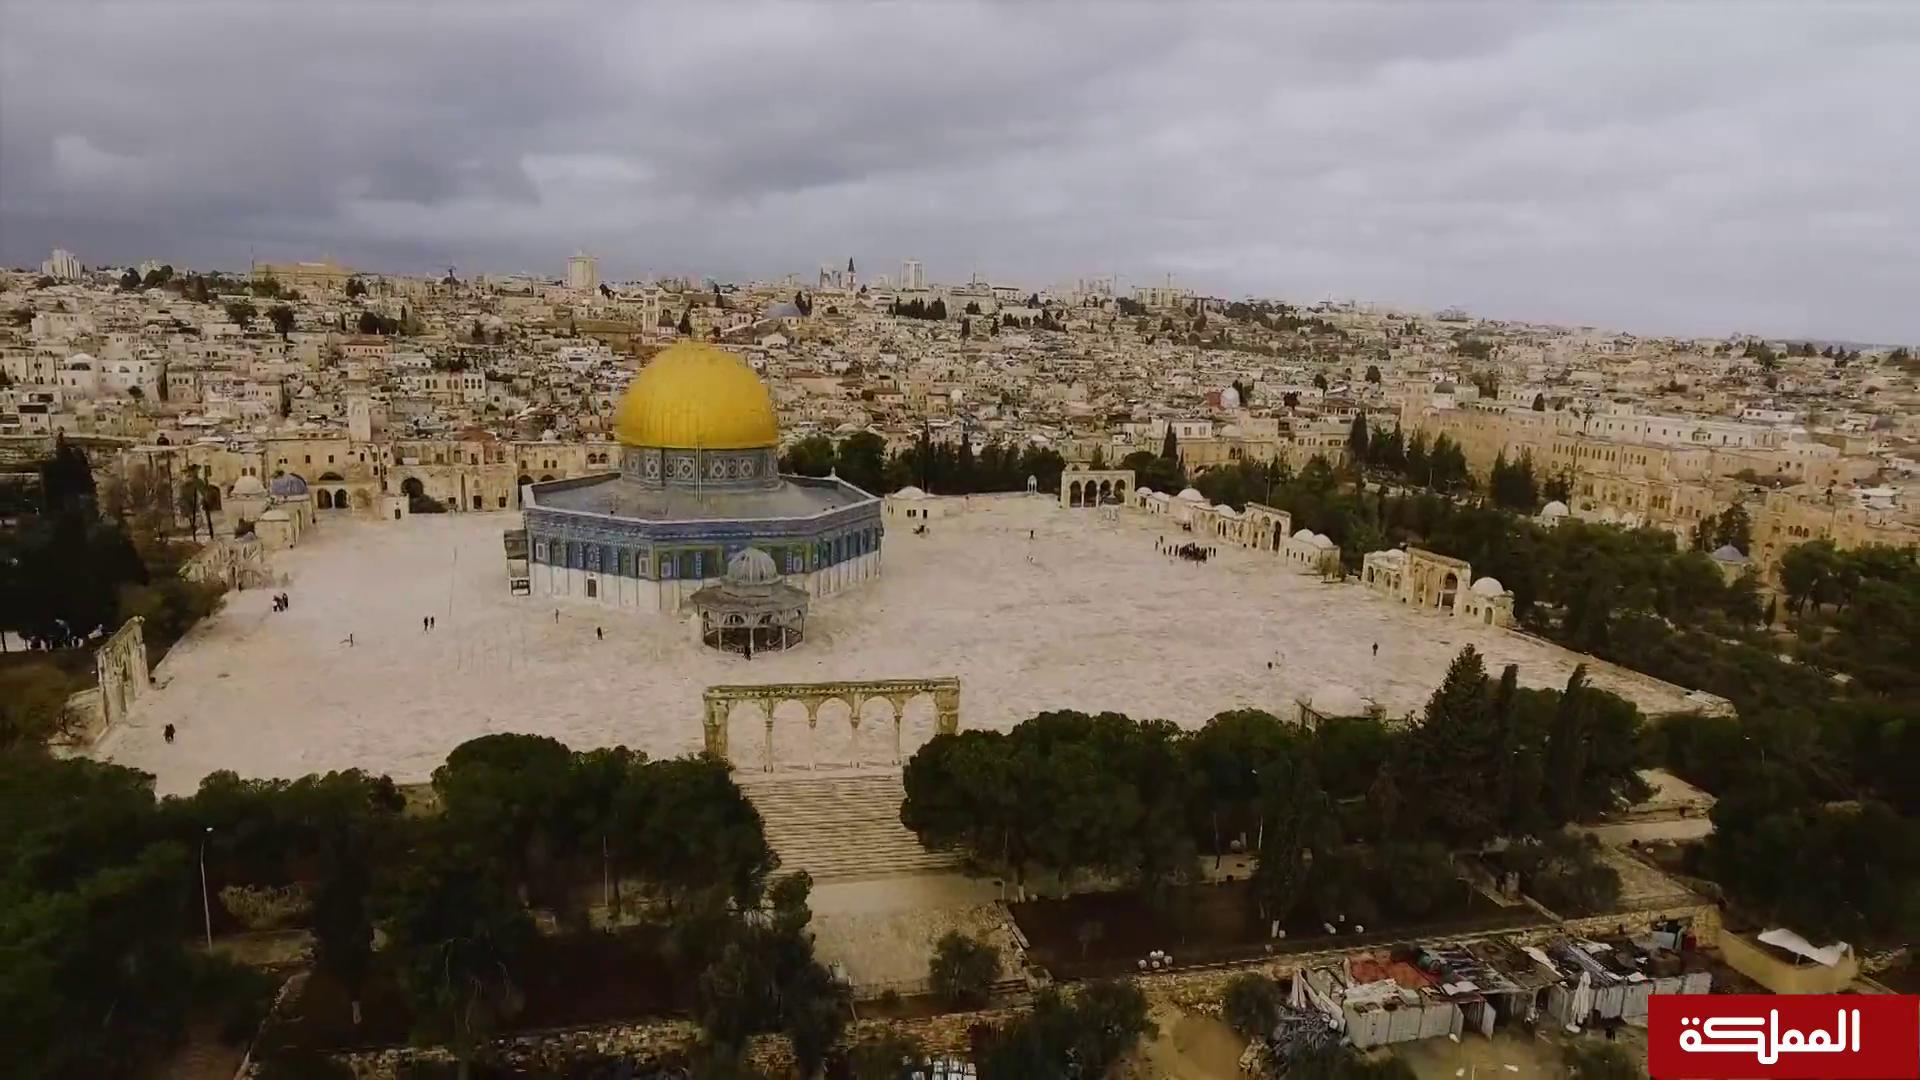 الوصاية الهاشمية على القدس.. ضغوط دولية ورفض أردني لتقديم التنازلات